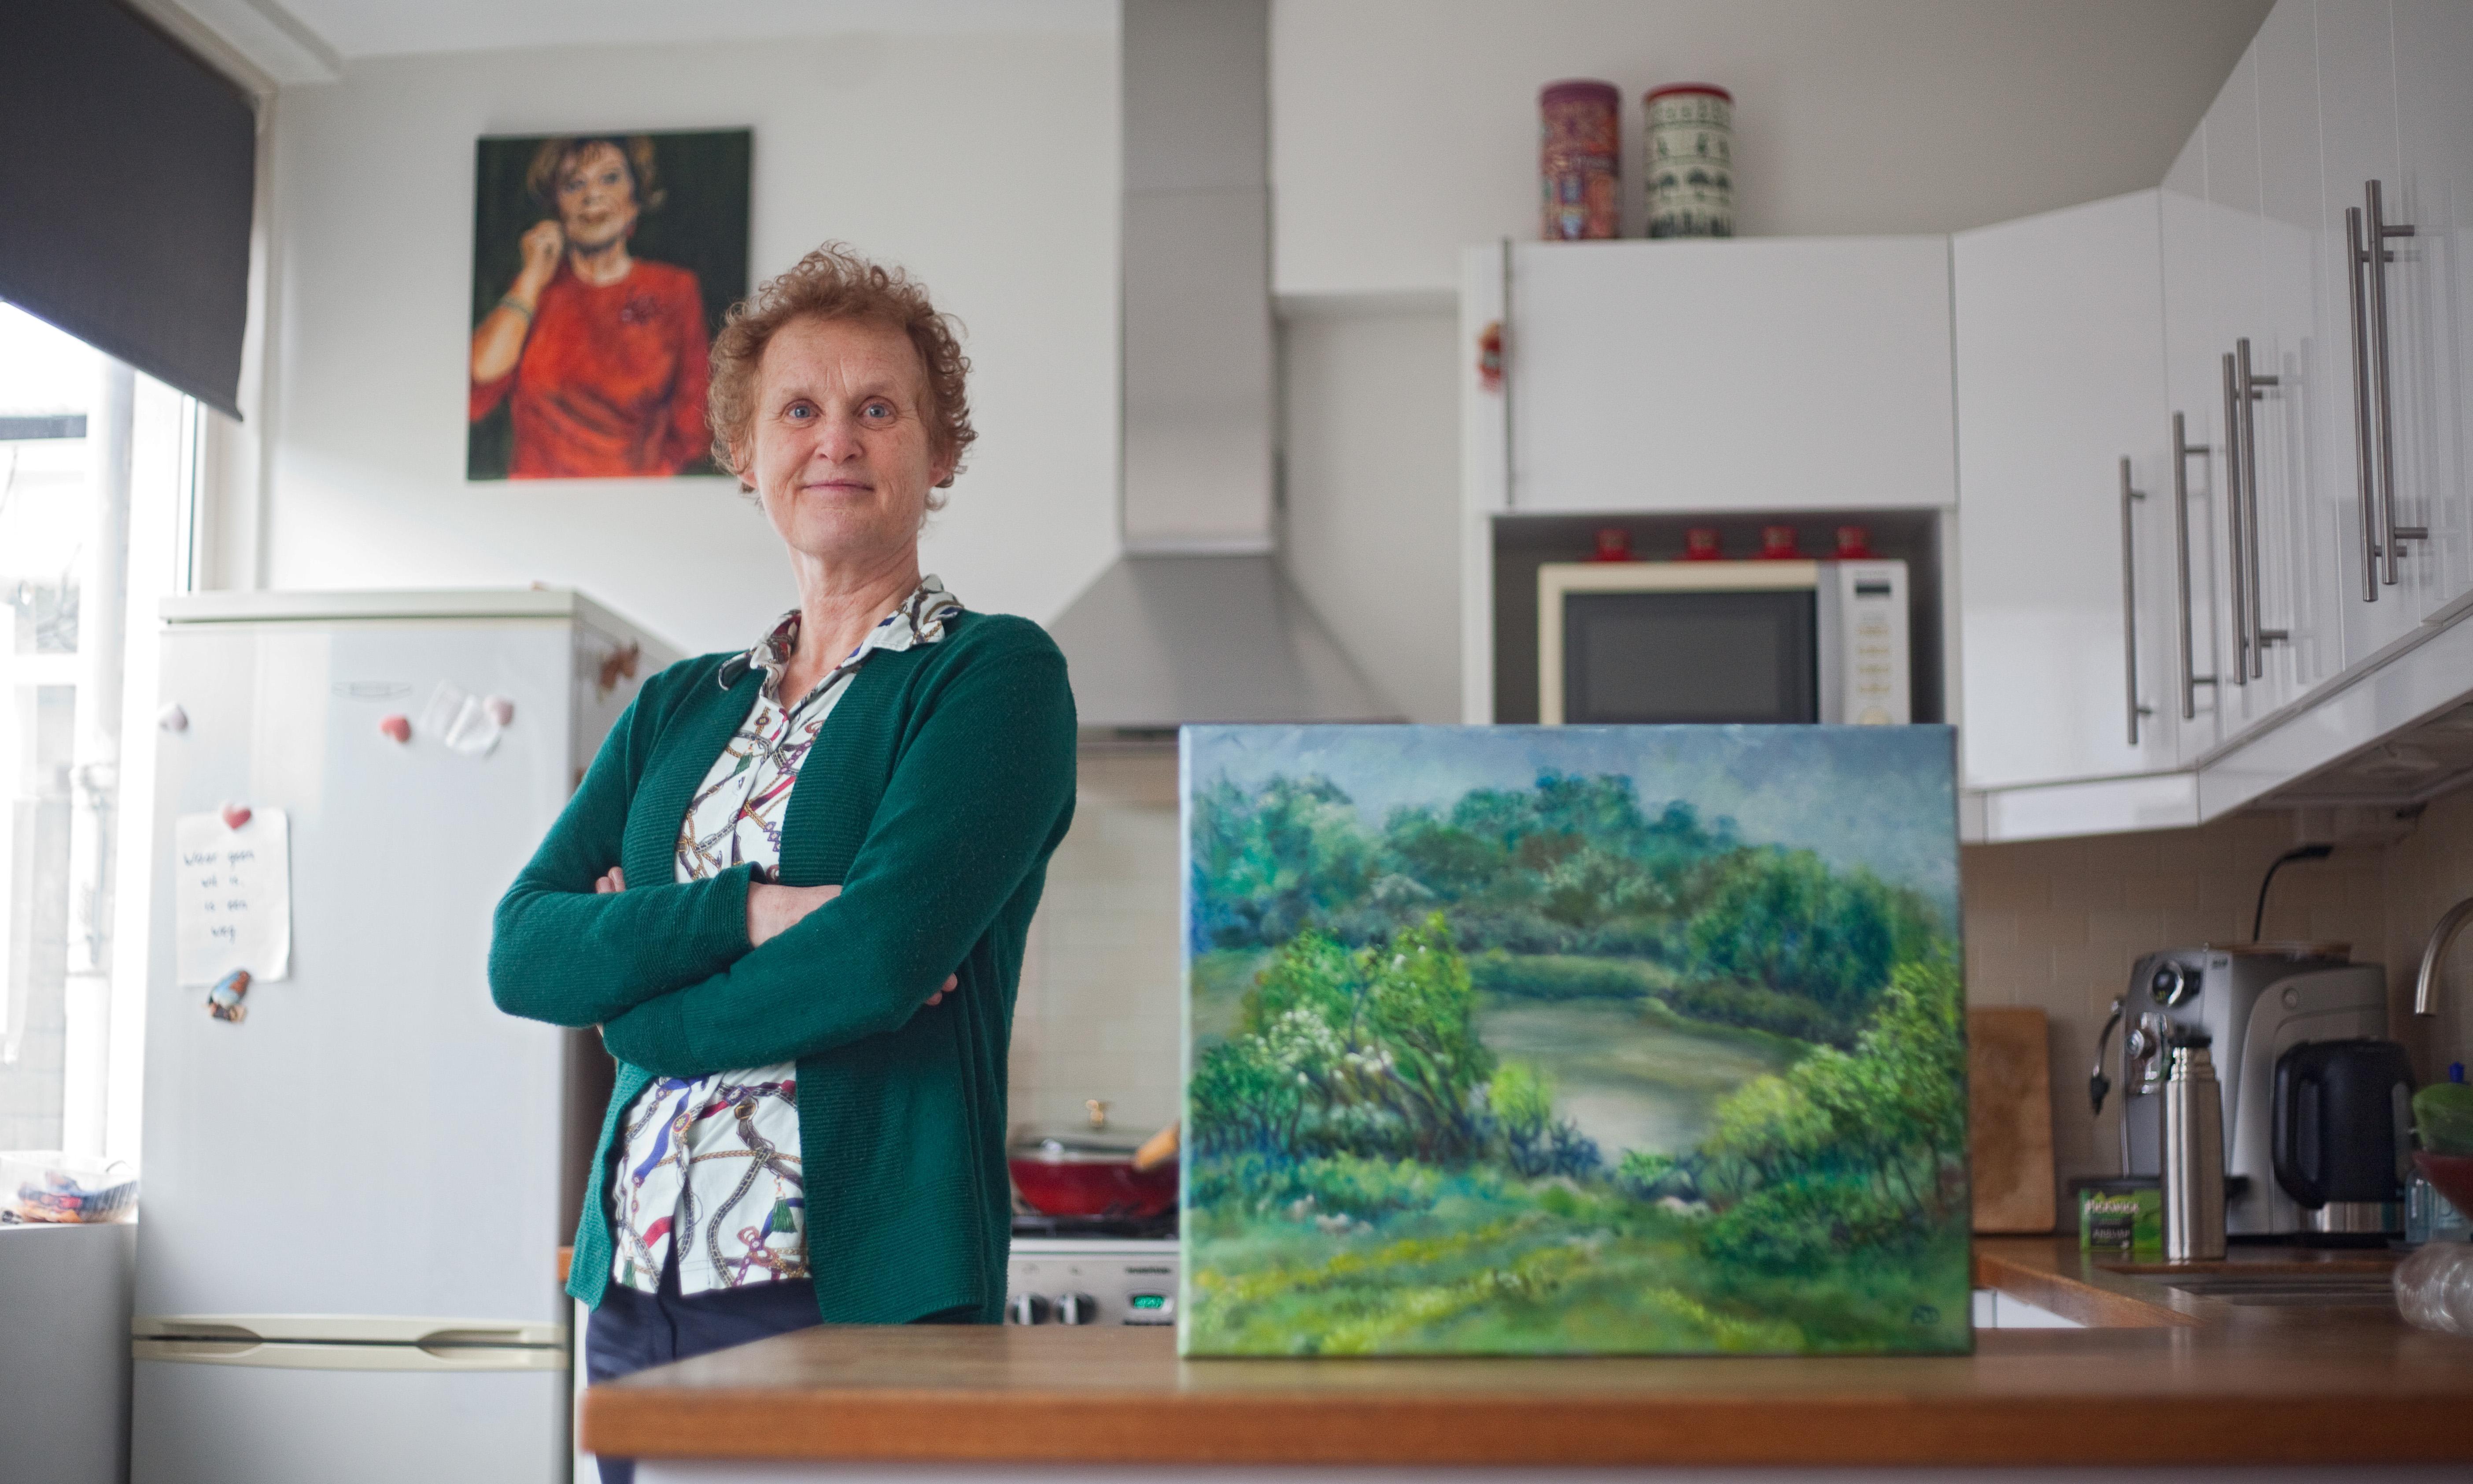 Anneke Dekkers is er trots op een onbevreesde grijze muis te zijn, en hoopt dat anderen die filosofie ook omarmen: 'Rond mijn 35e kwam ik tot de conclusie dat een ministerschap er voor mij gewoon niet in zit'